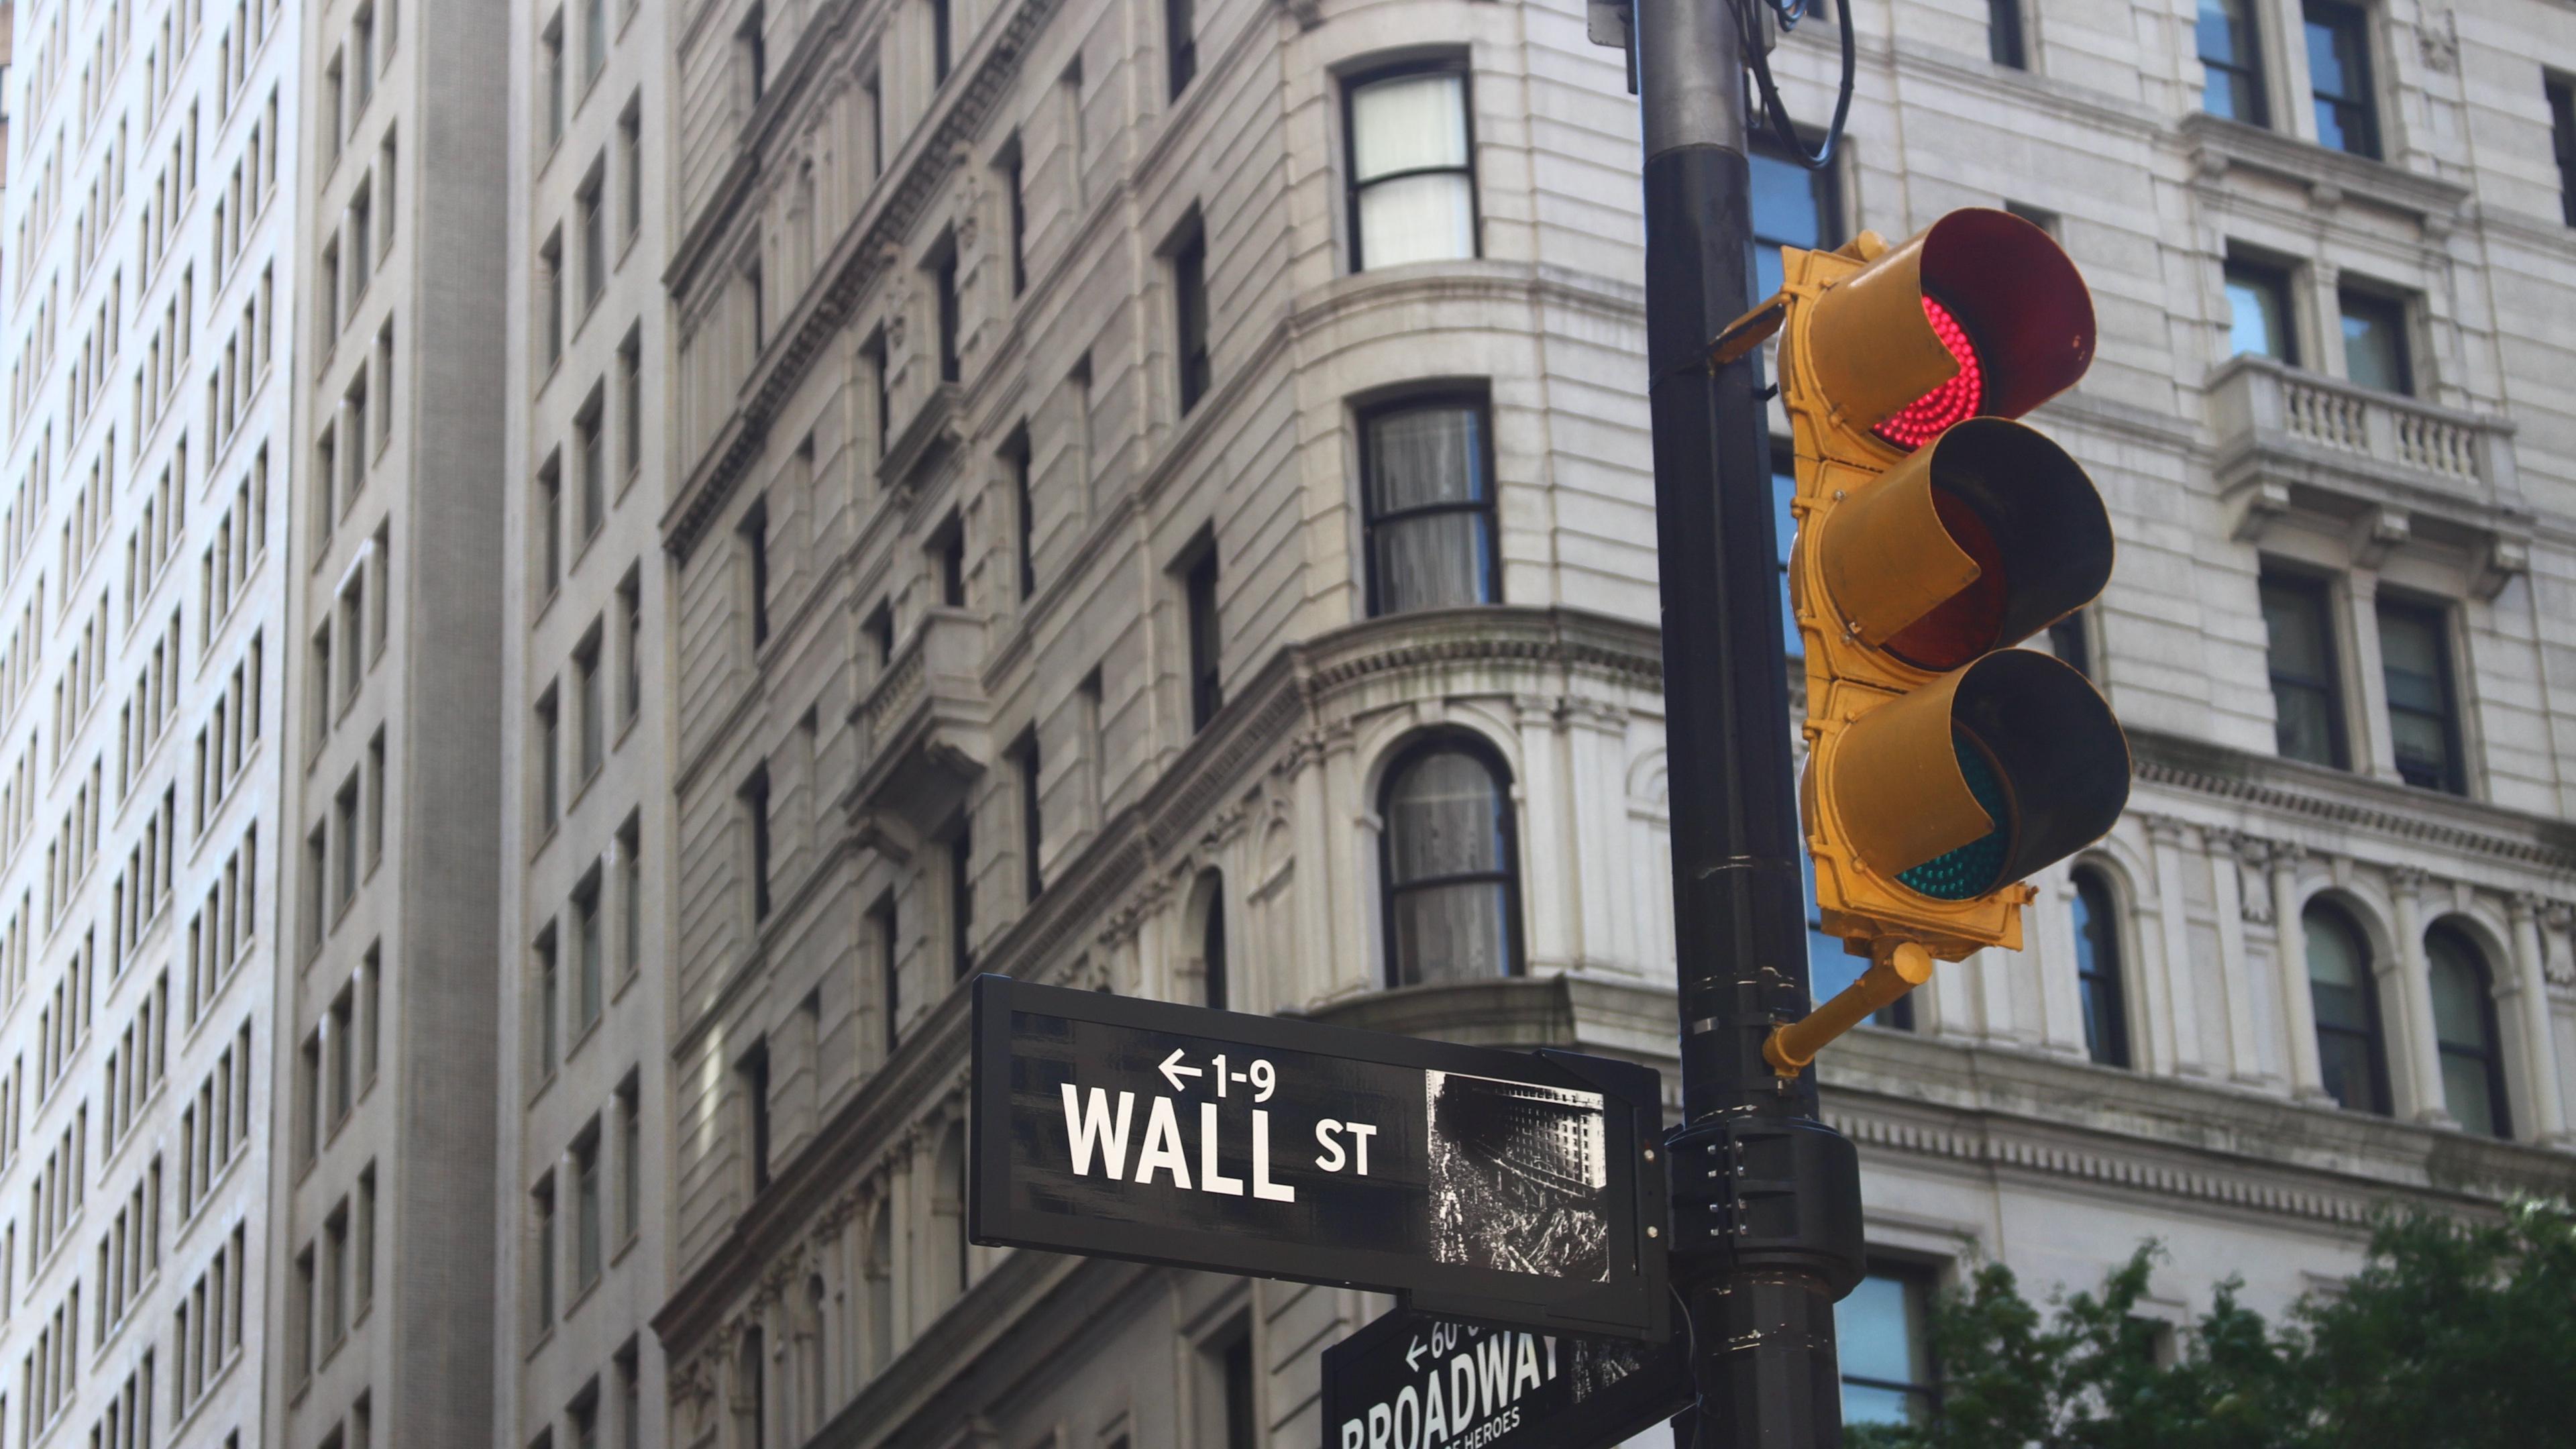 traffic light street pillar 4k 1538066596 - traffic light, street, pillar 4k - traffic light, Street, pillar